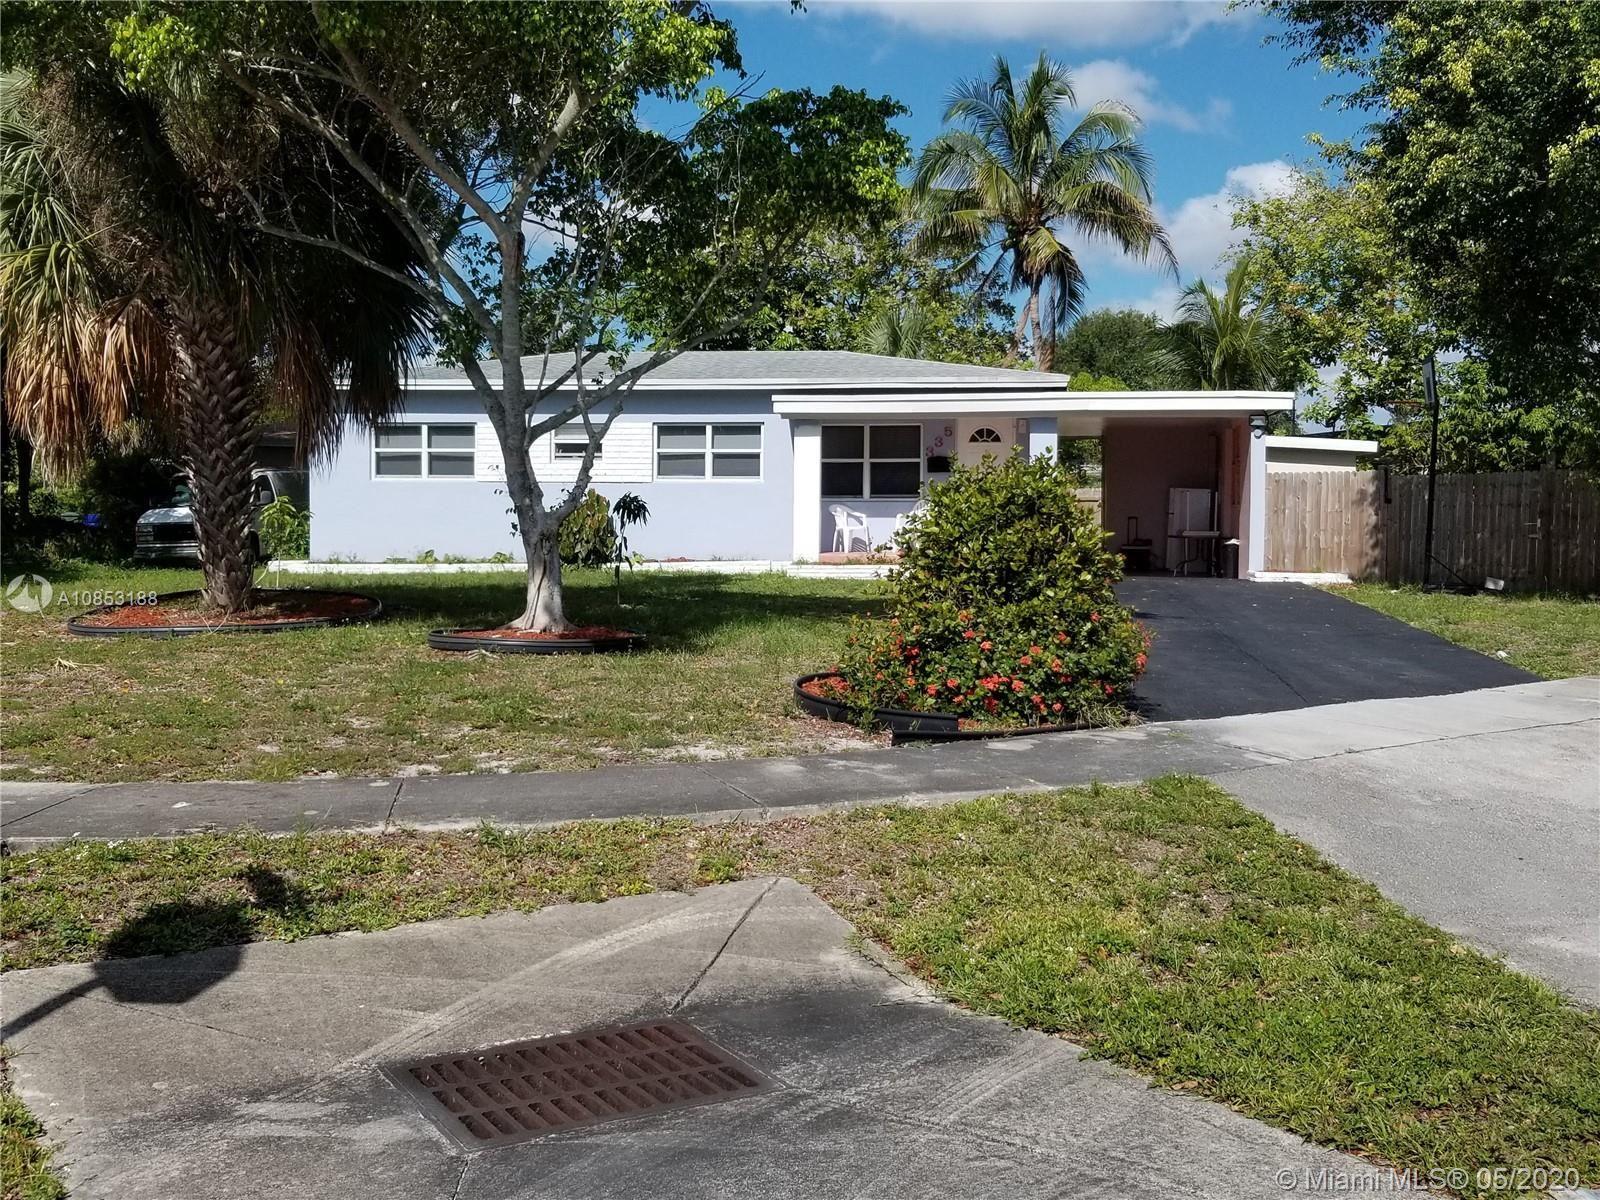 335 Georgia Ave, Fort Lauderdale, FL 33312 - #: A10853188